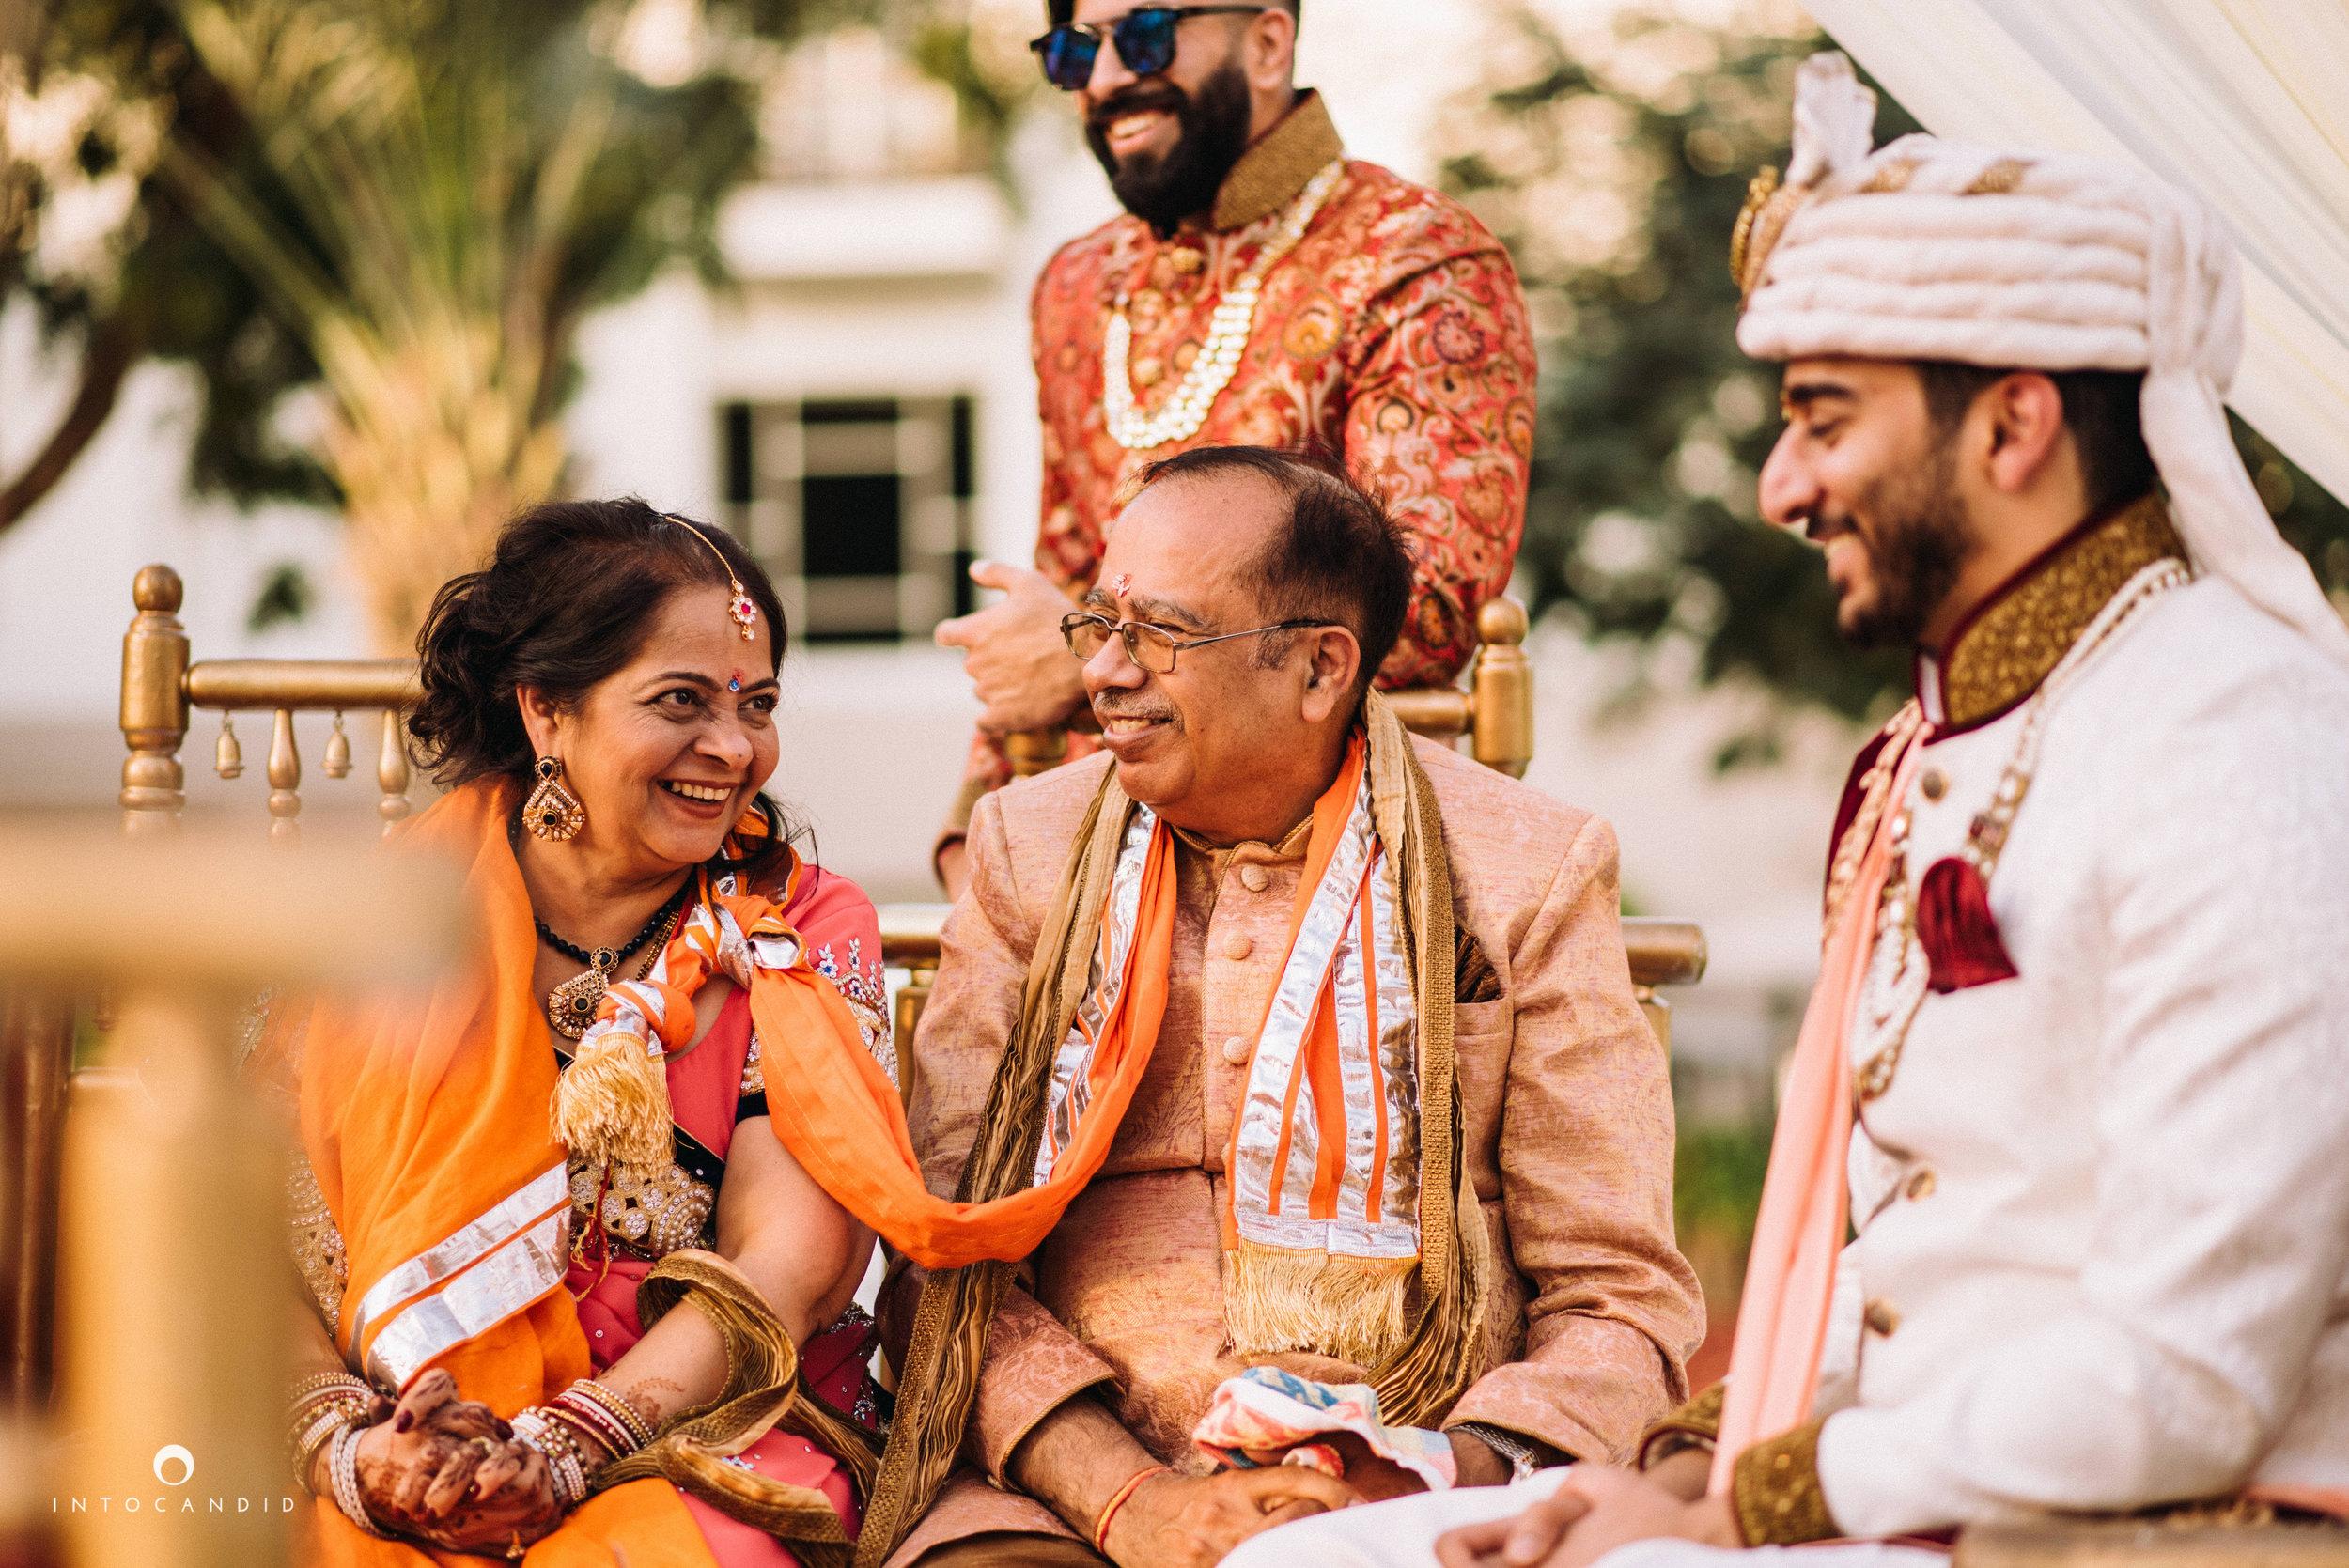 Dubai_Wedding_Photographer_34.JPG